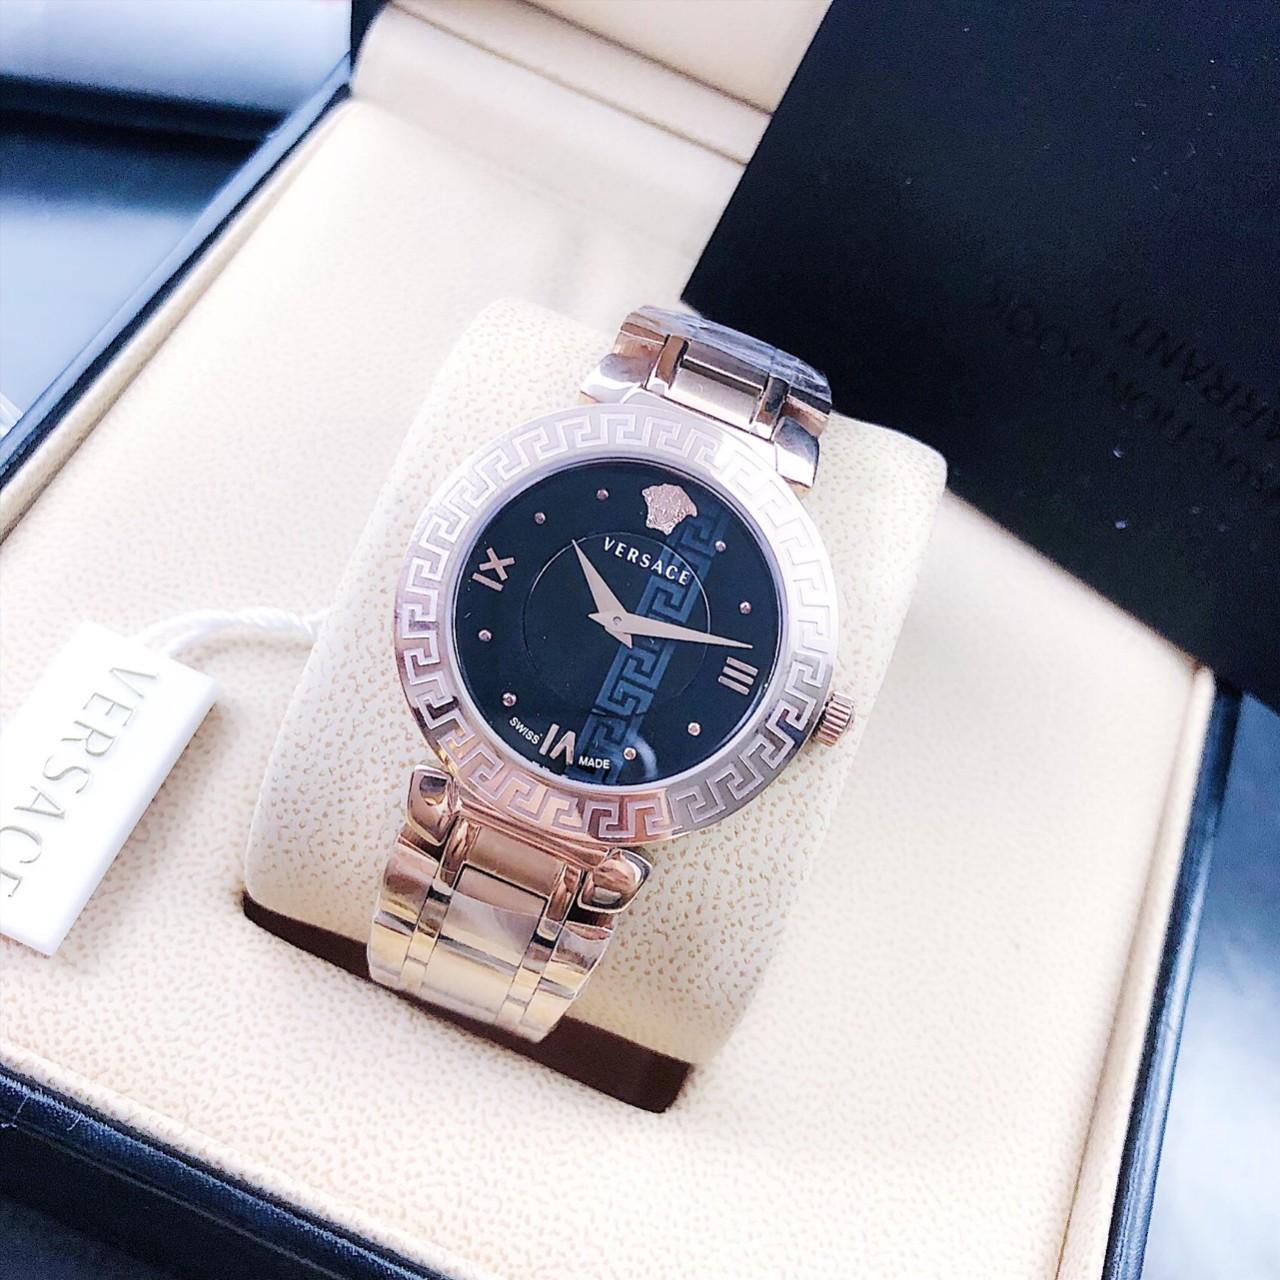 Đồng Hồ Thời Trang Nữ Versacee_Daphnis Rose Gold Tone Black Dial - Dây Thép Không Gỉ - Size 34 mm - FULLBOX bán chạy